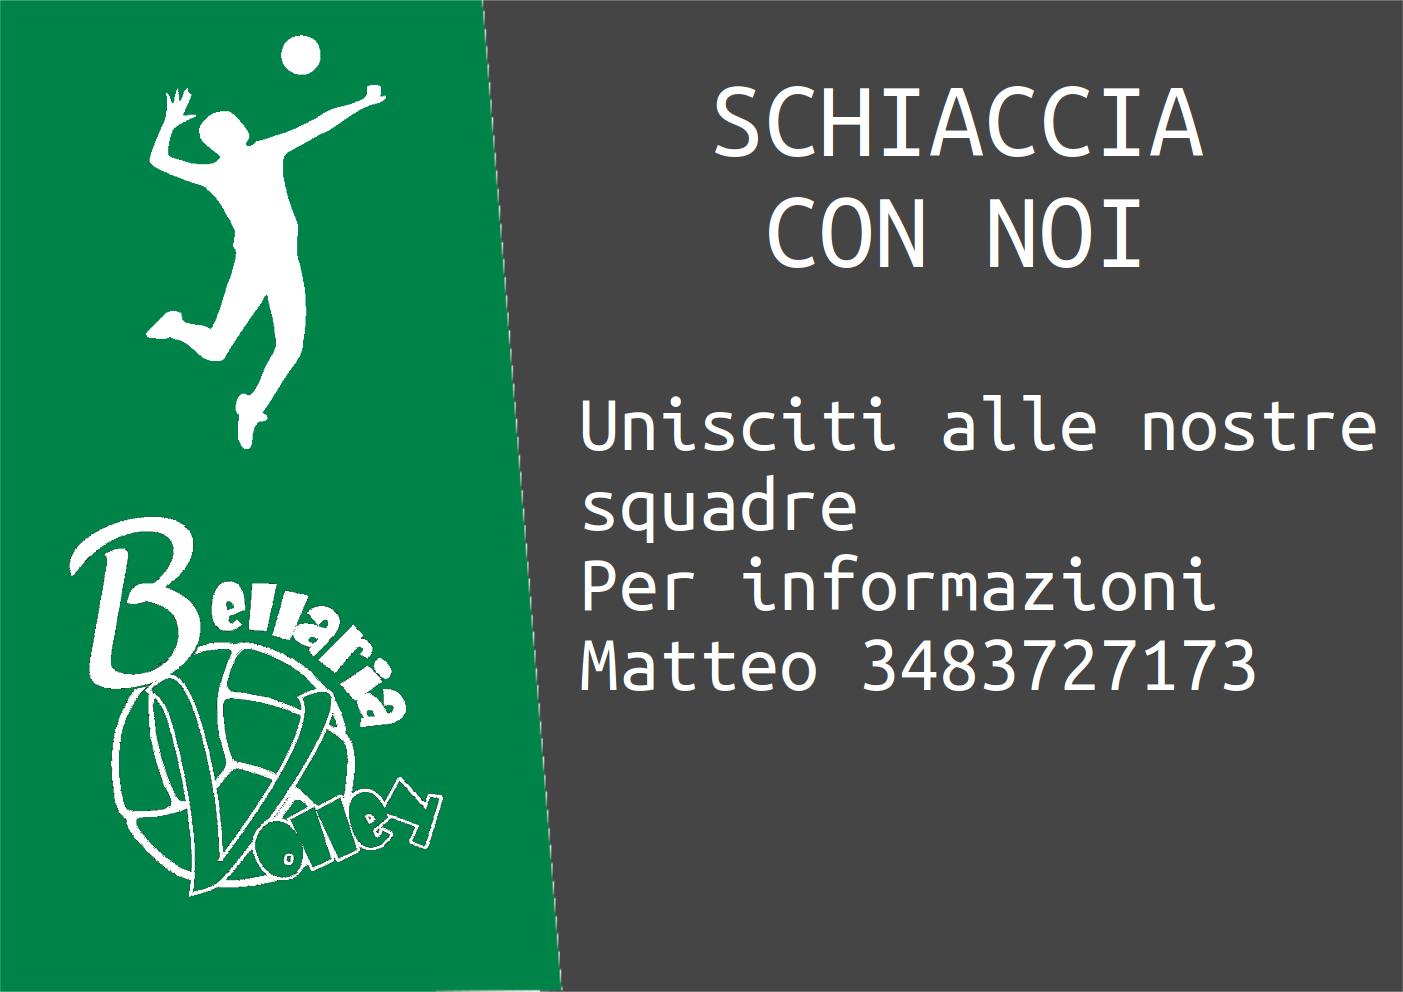 Unisciti a noi per informazioni Matteo 3483727173